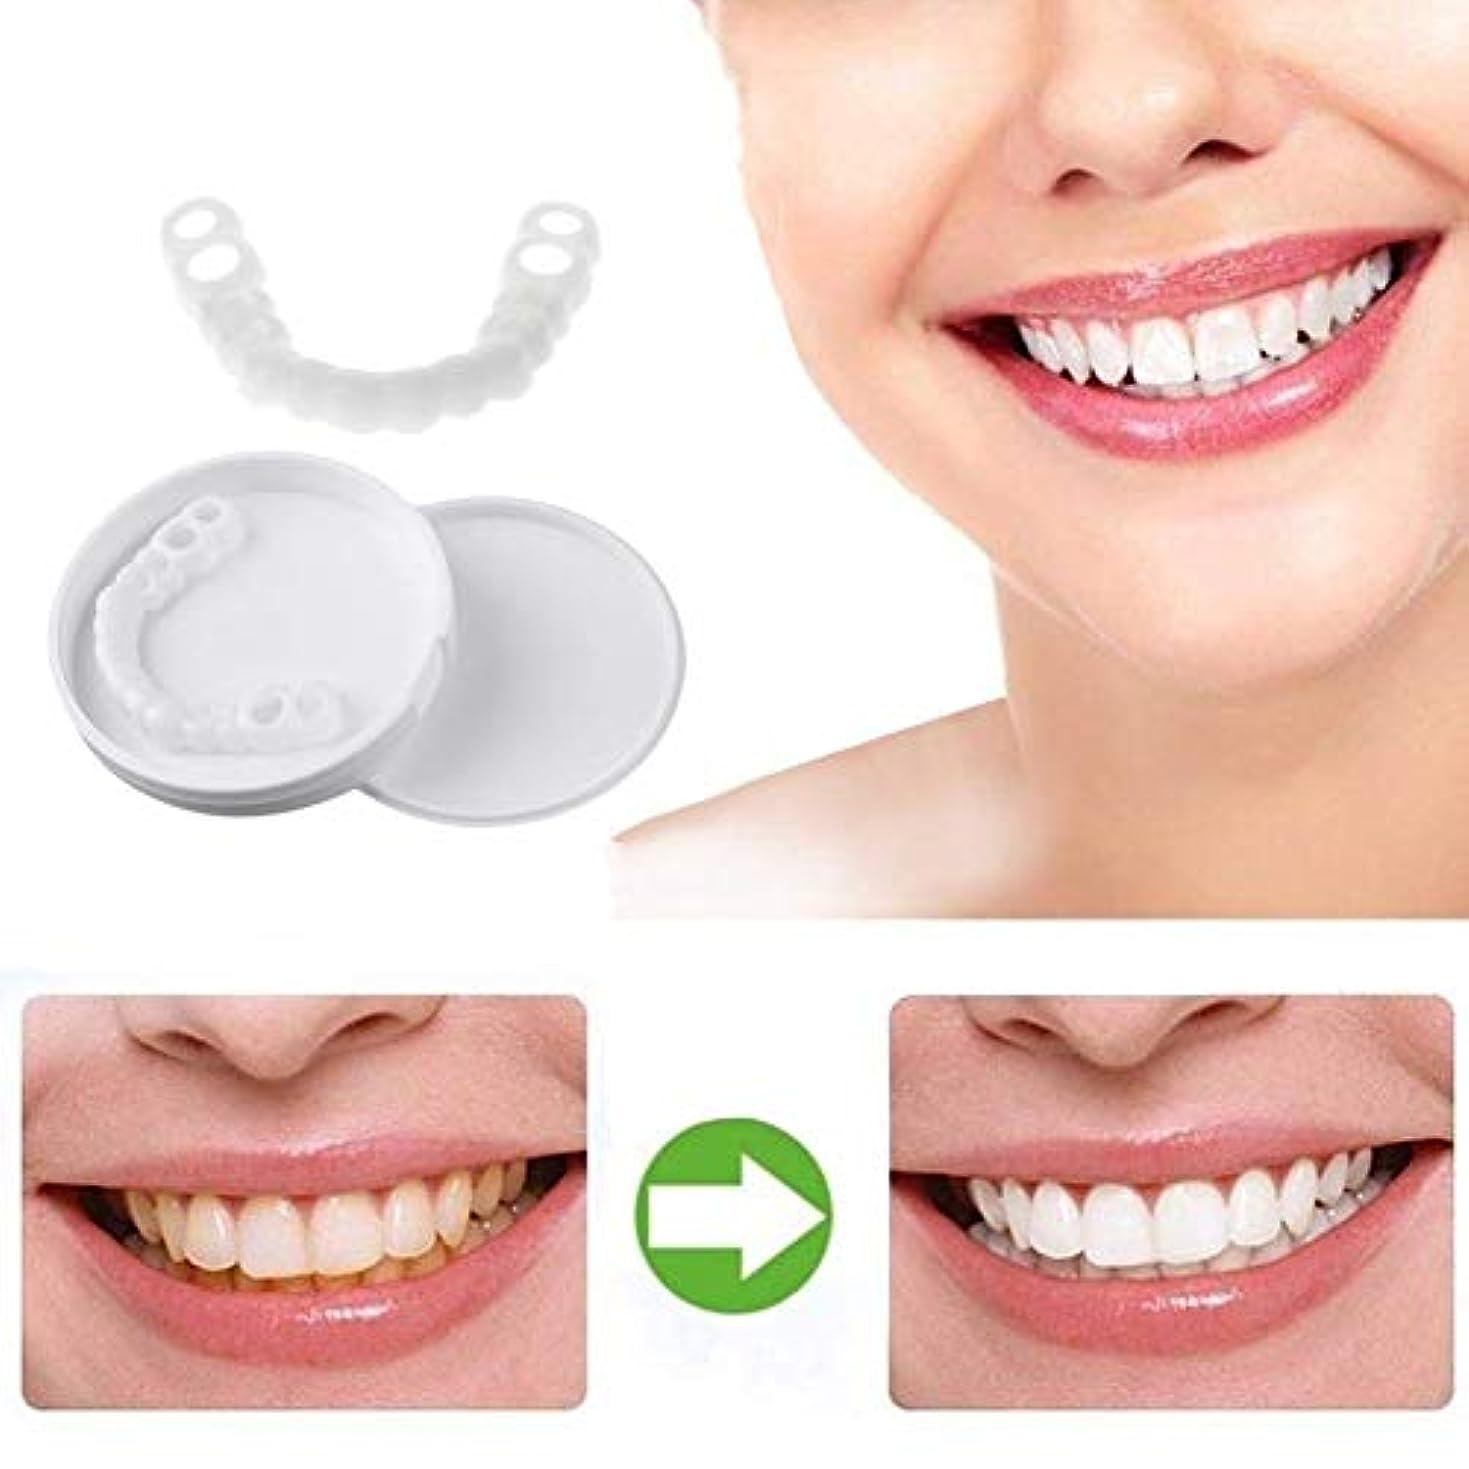 蒸留酔った体操キットの歯セットスナップキャップをインスタント快適なフレックスパーフェクトベニヤホワイトを白くする12個下歯+ Upperteeth笑顔ベニヤ